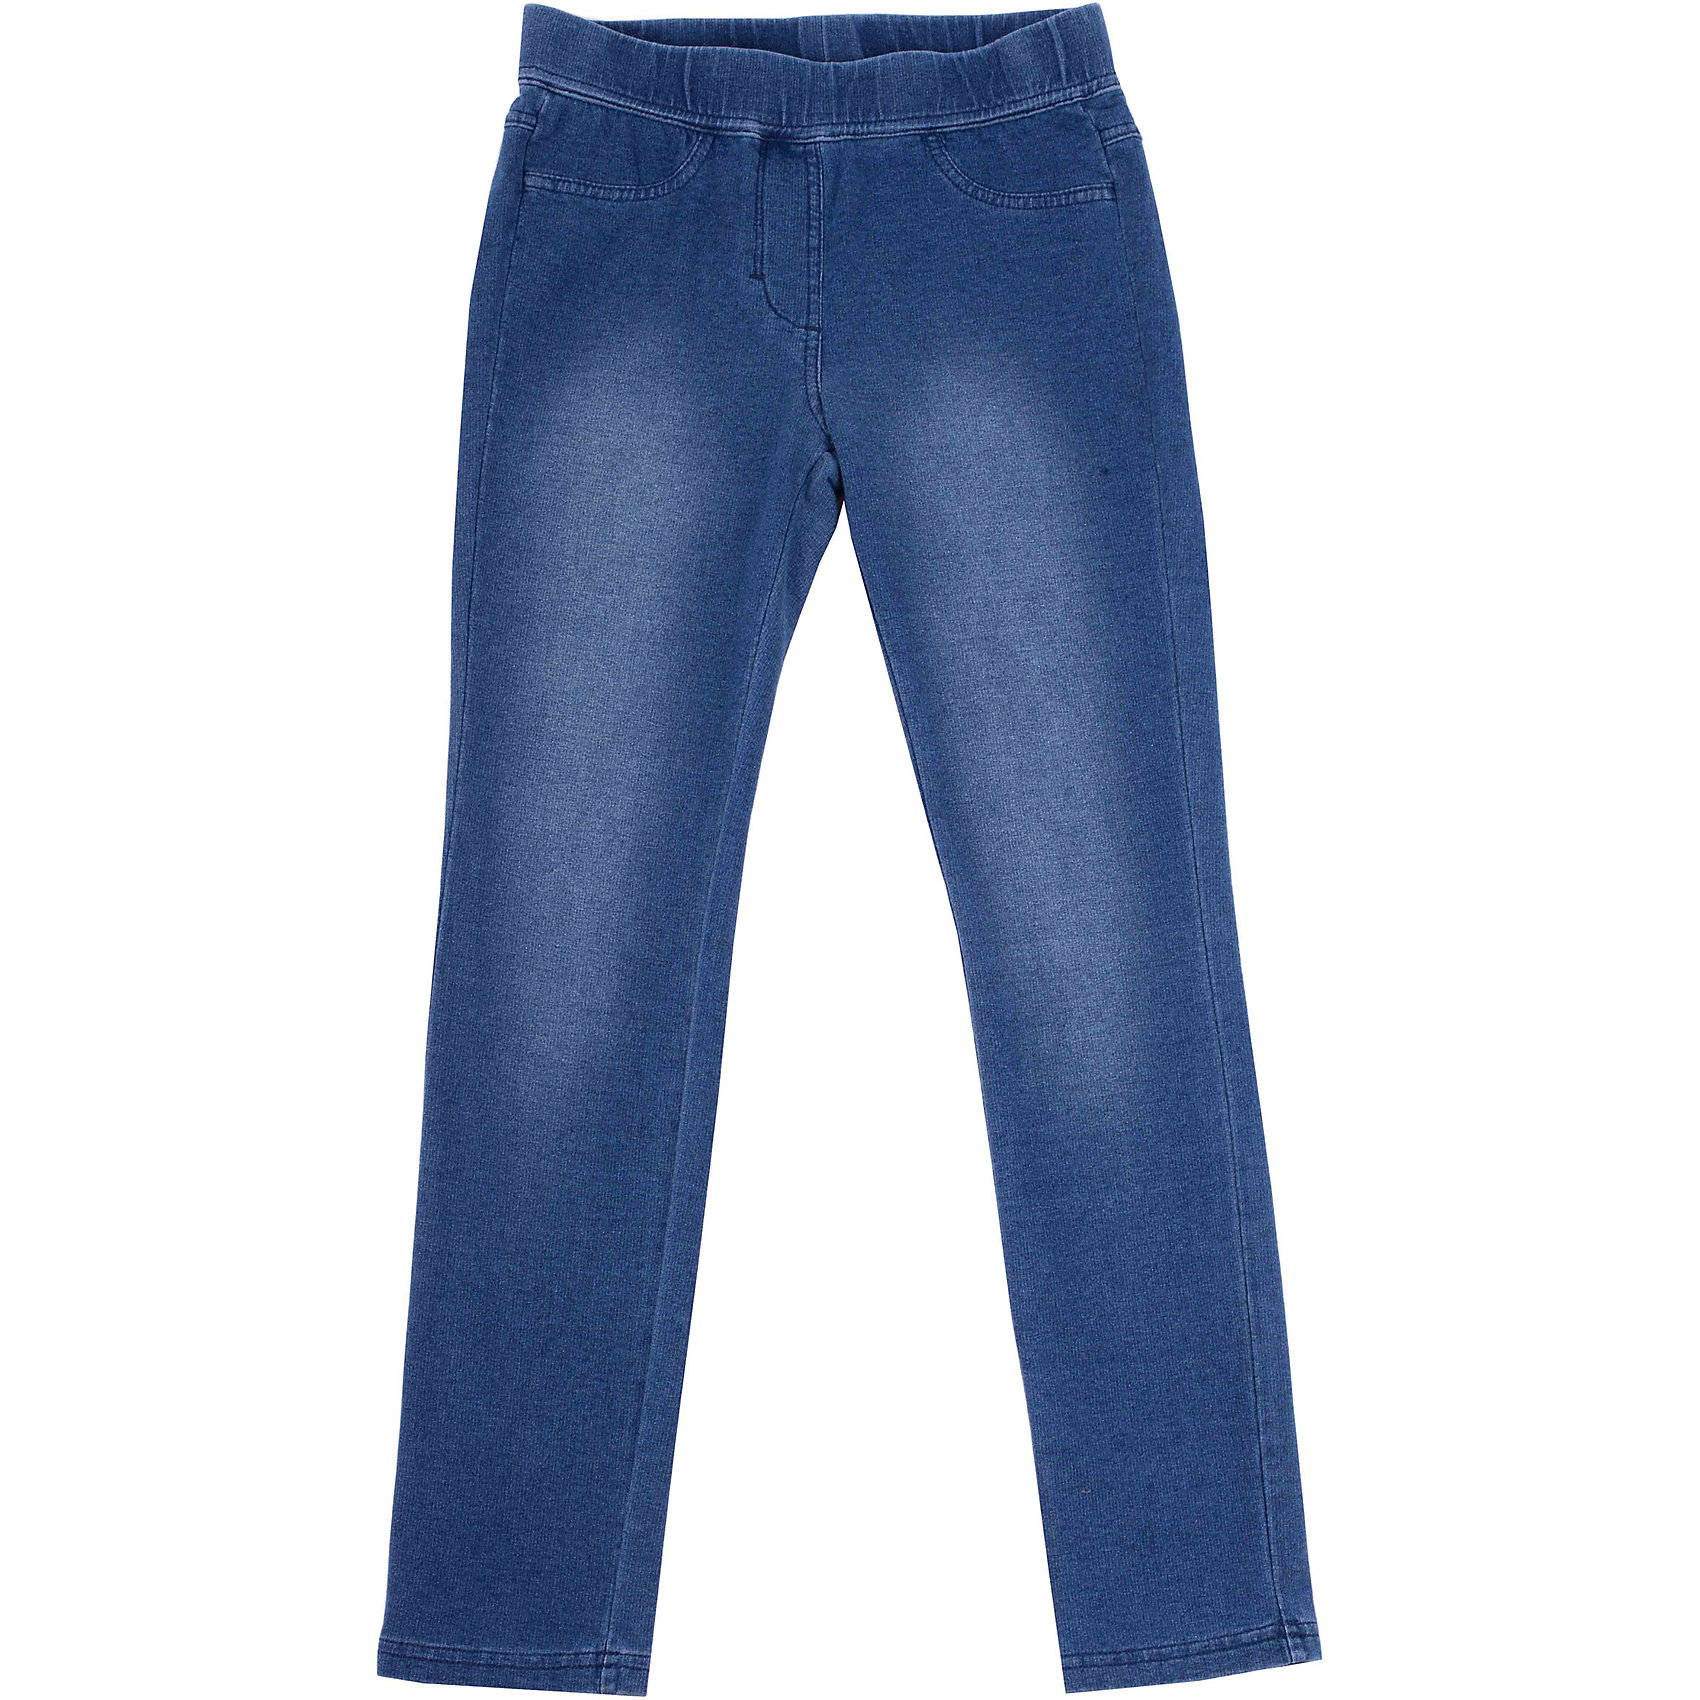 Леггинсы для девочки GulliverМодные джеггинсы обладают комфортом трикотажных лосин и внешним видом зауженных джинсов, поэтому по праву считаются самой удобной и функциональной вещью в гардеробе ребенка. Голубые джеггинсы - универсальный вариант на каждый день. Непрокрас, замины и потертости полностью имитируют модные джинсы.<br>Состав:<br>95% хлопок      5% эластан<br><br>Ширина мм: 123<br>Глубина мм: 10<br>Высота мм: 149<br>Вес г: 209<br>Цвет: голубой<br>Возраст от месяцев: 84<br>Возраст до месяцев: 96<br>Пол: Женский<br>Возраст: Детский<br>Размер: 140,122,128,134<br>SKU: 4534852